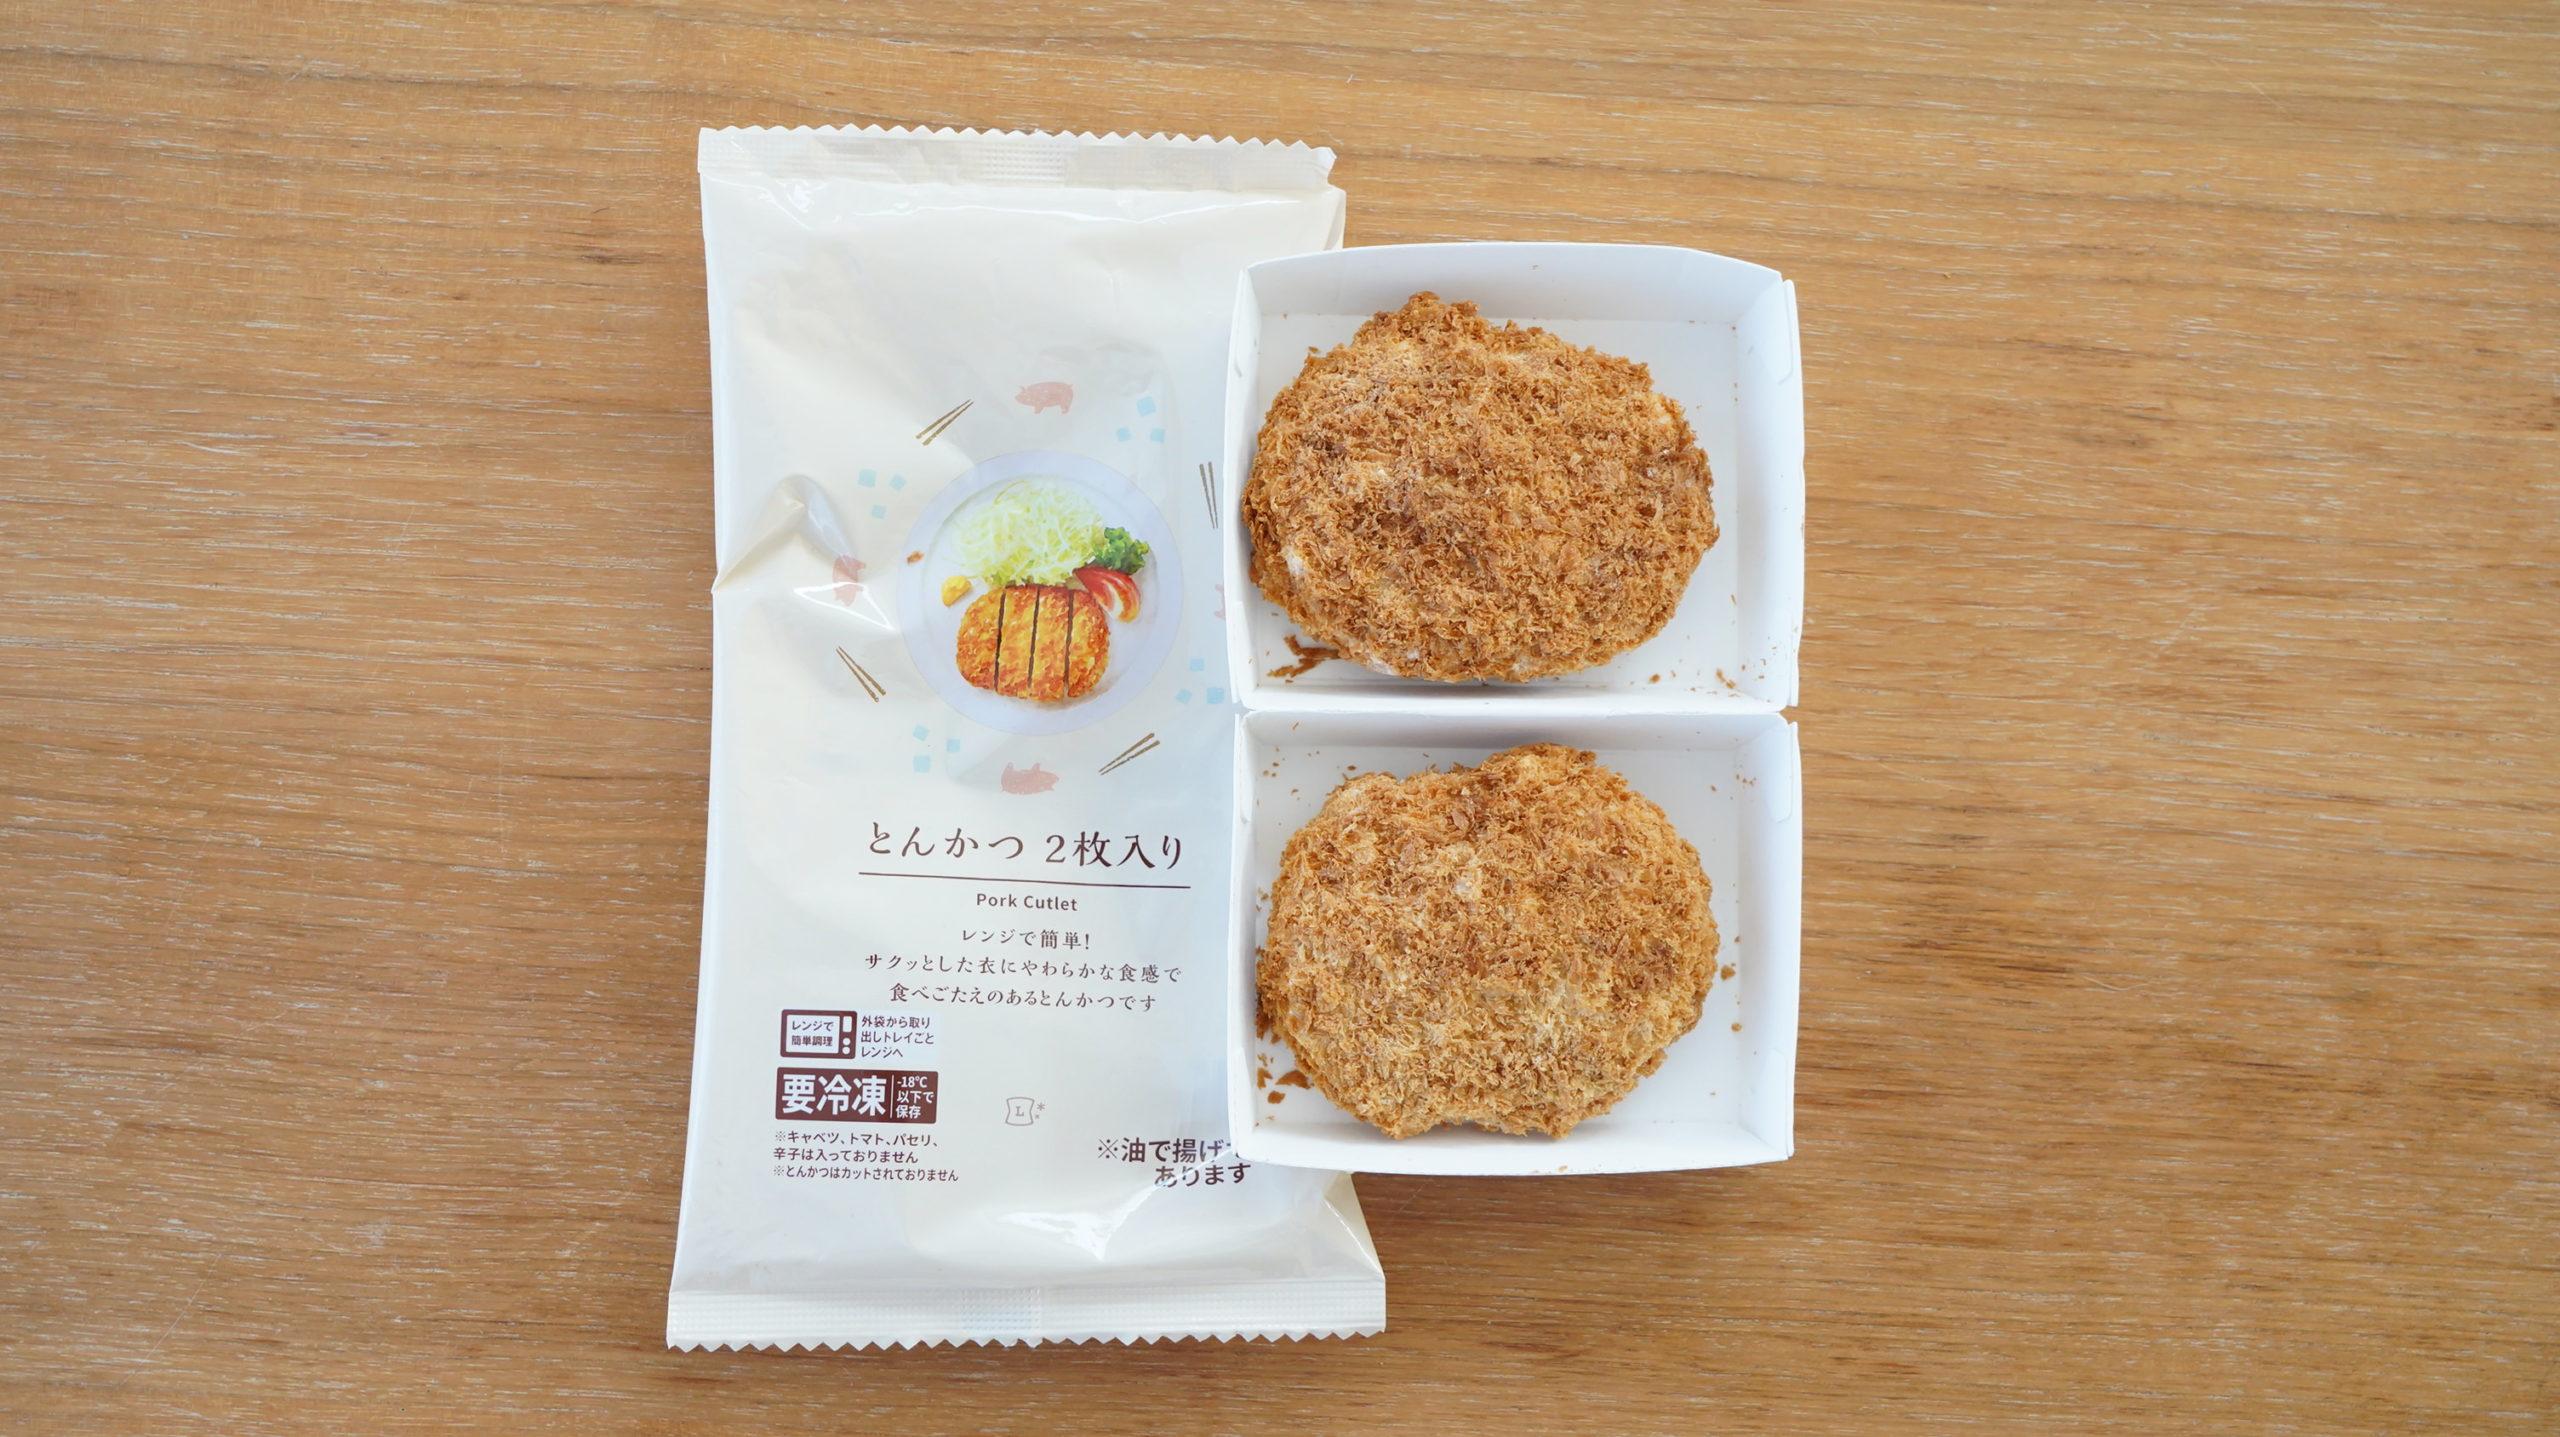 ローソンの冷凍食品「とんかつ・2枚入り」のパッケージと中身の写真